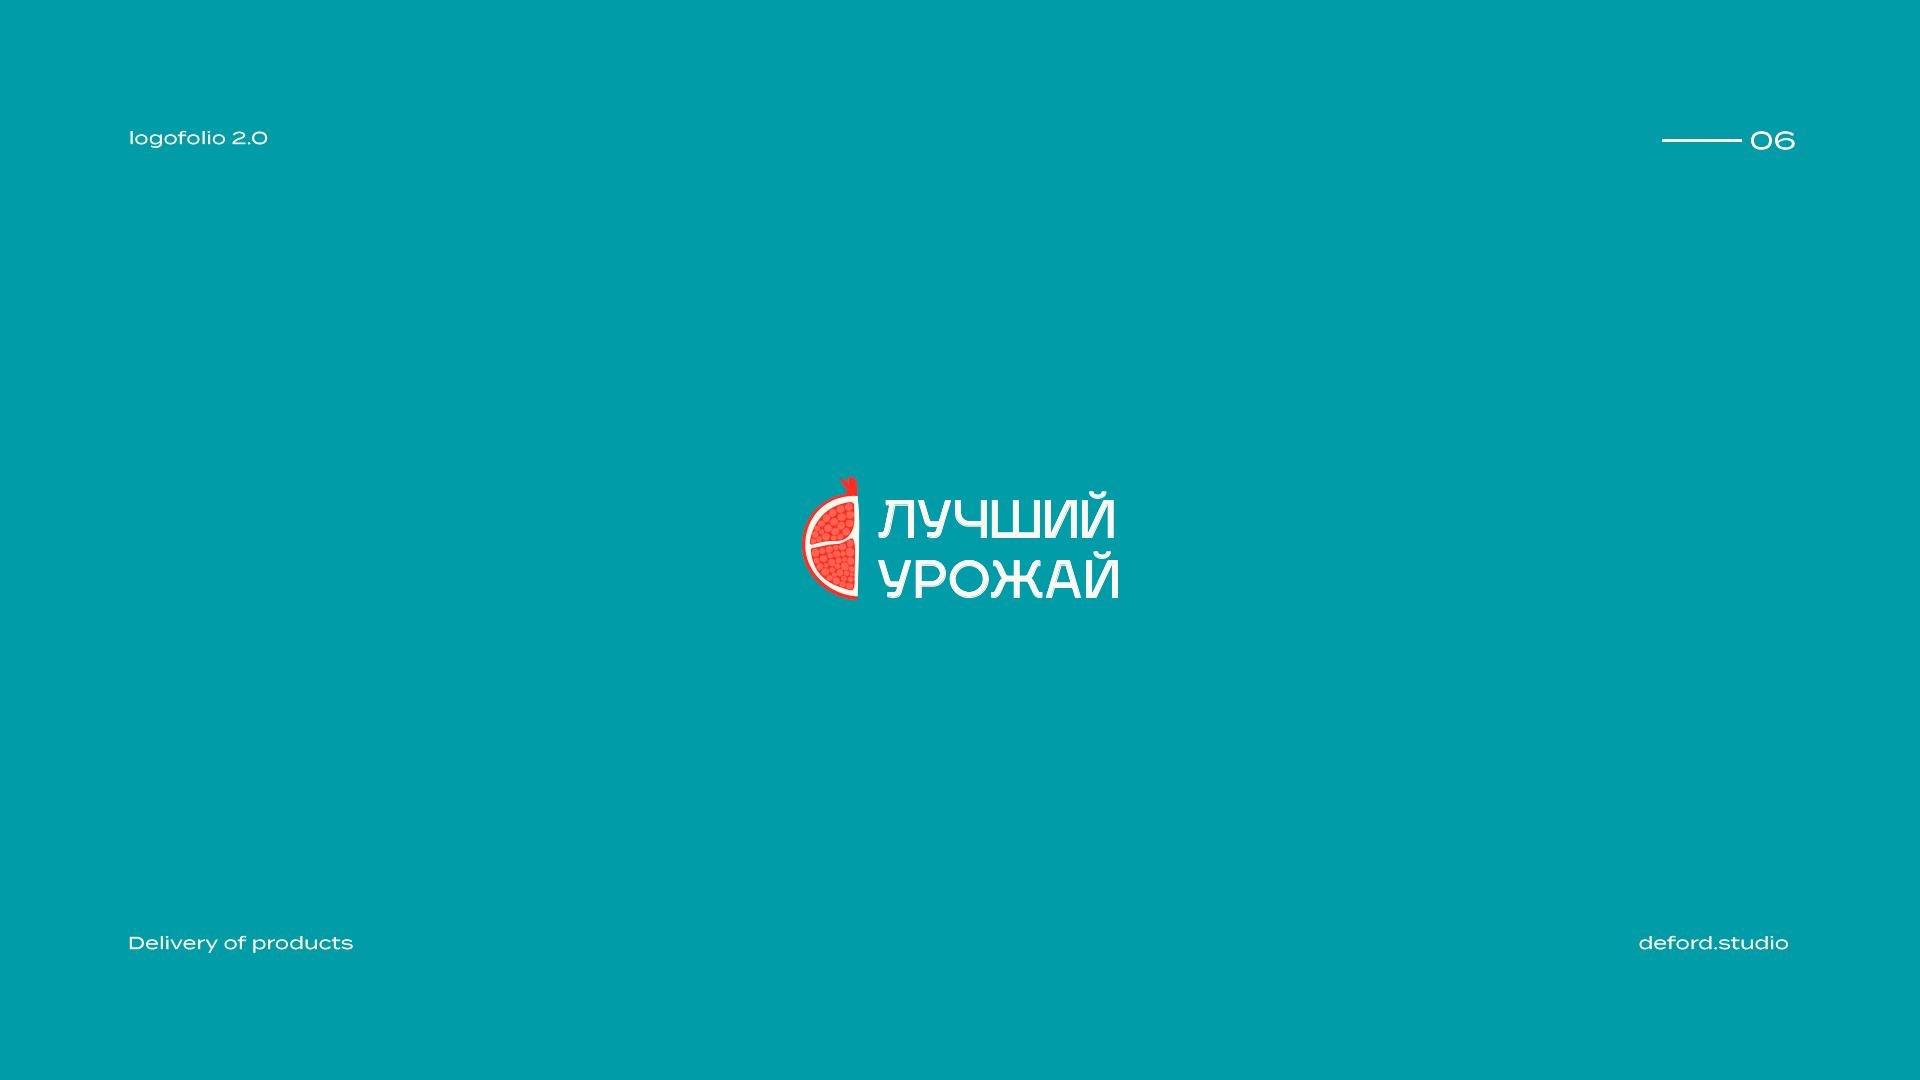 俄罗斯deford studio标志设计作品